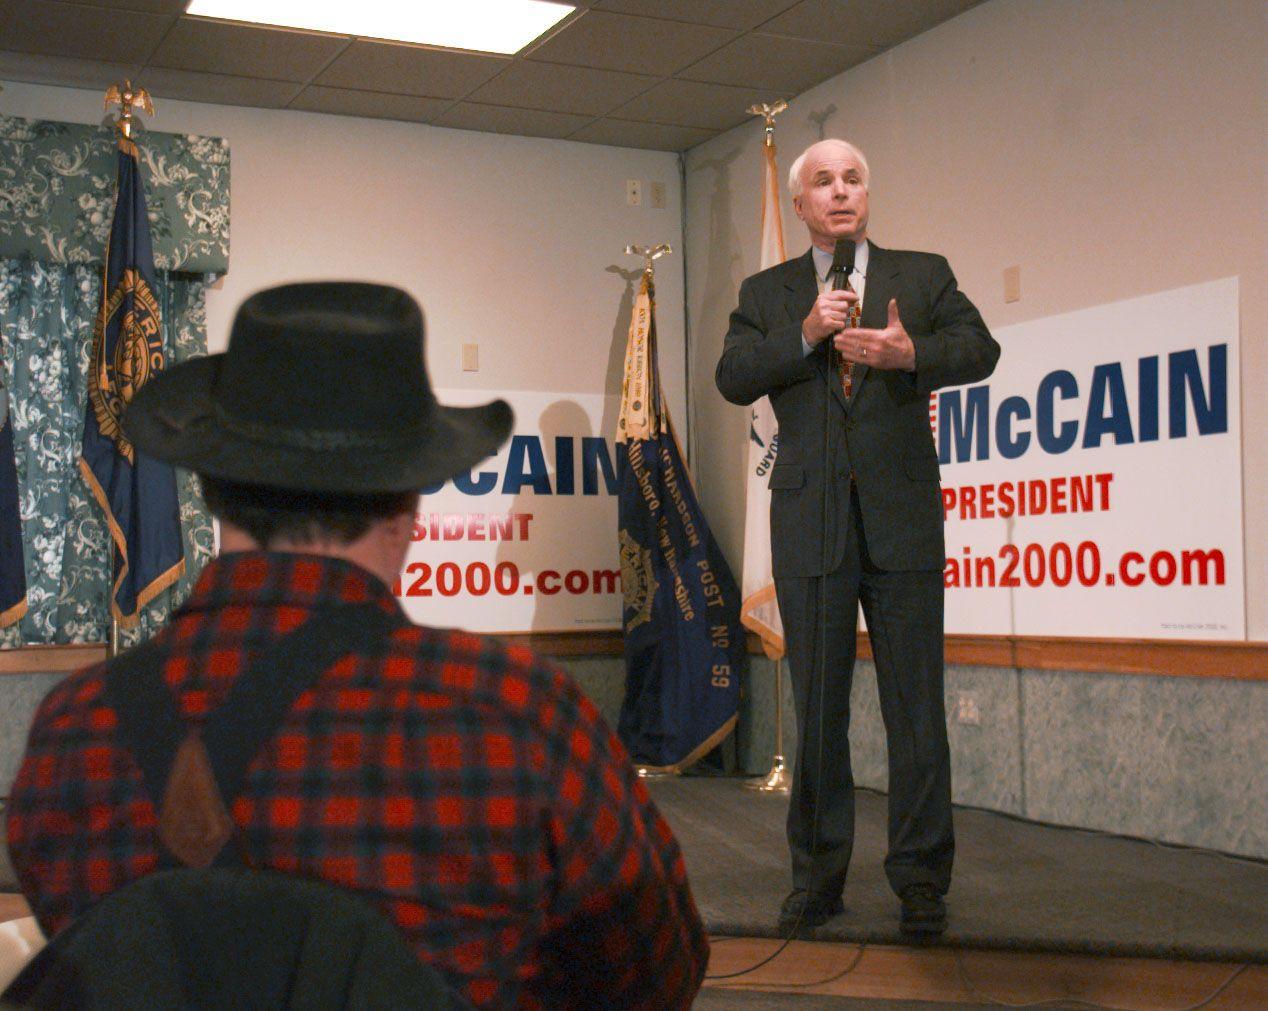 TRADISJONELLE VERDIER: John McCain målbar tradisjonelle konservative verdier og ble aldri med på den nykonservative bølgen som begynte under Reagans presidenttid, sier en USA-ekspert VG har snakket med.